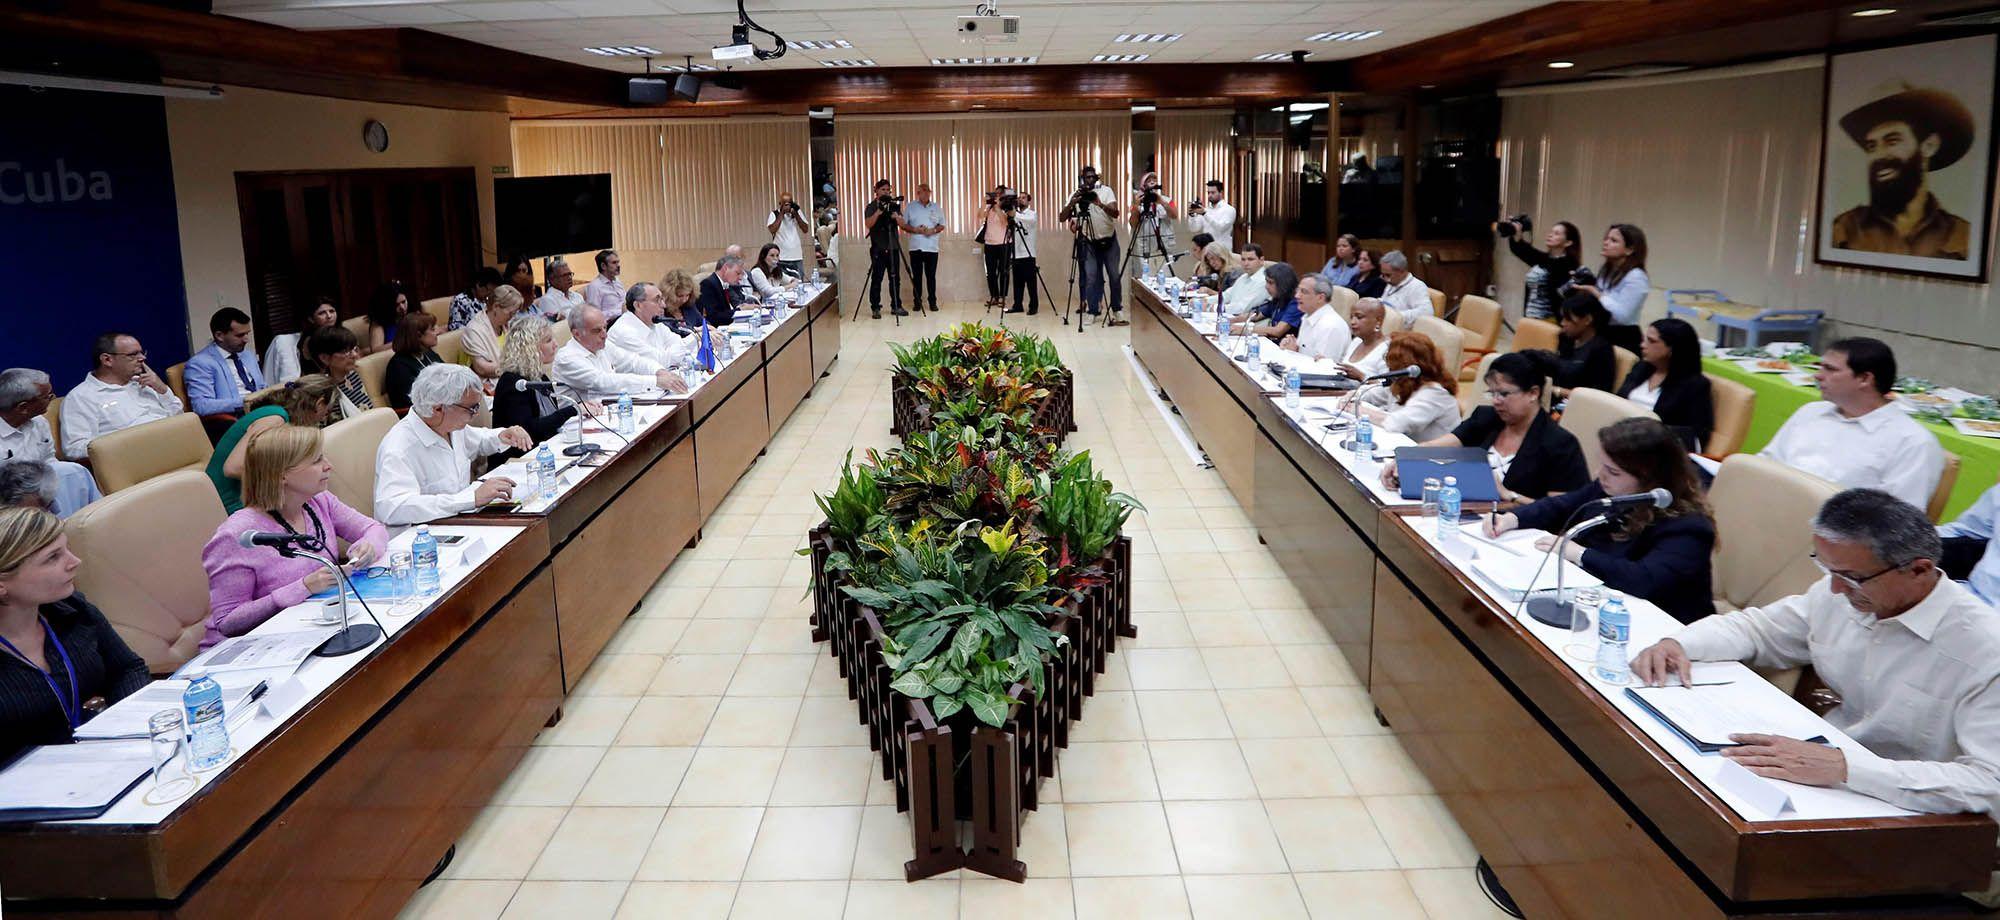 Delegaciones de Cuba (d) y la Unión Europea (UE) participan este martes 16 de abril del 2019, en el primer diálogo sobre desarrollo sostenible Cuba-Unión Europea en La Habana. Foto: Ernesto Mastrascusa / EFE.